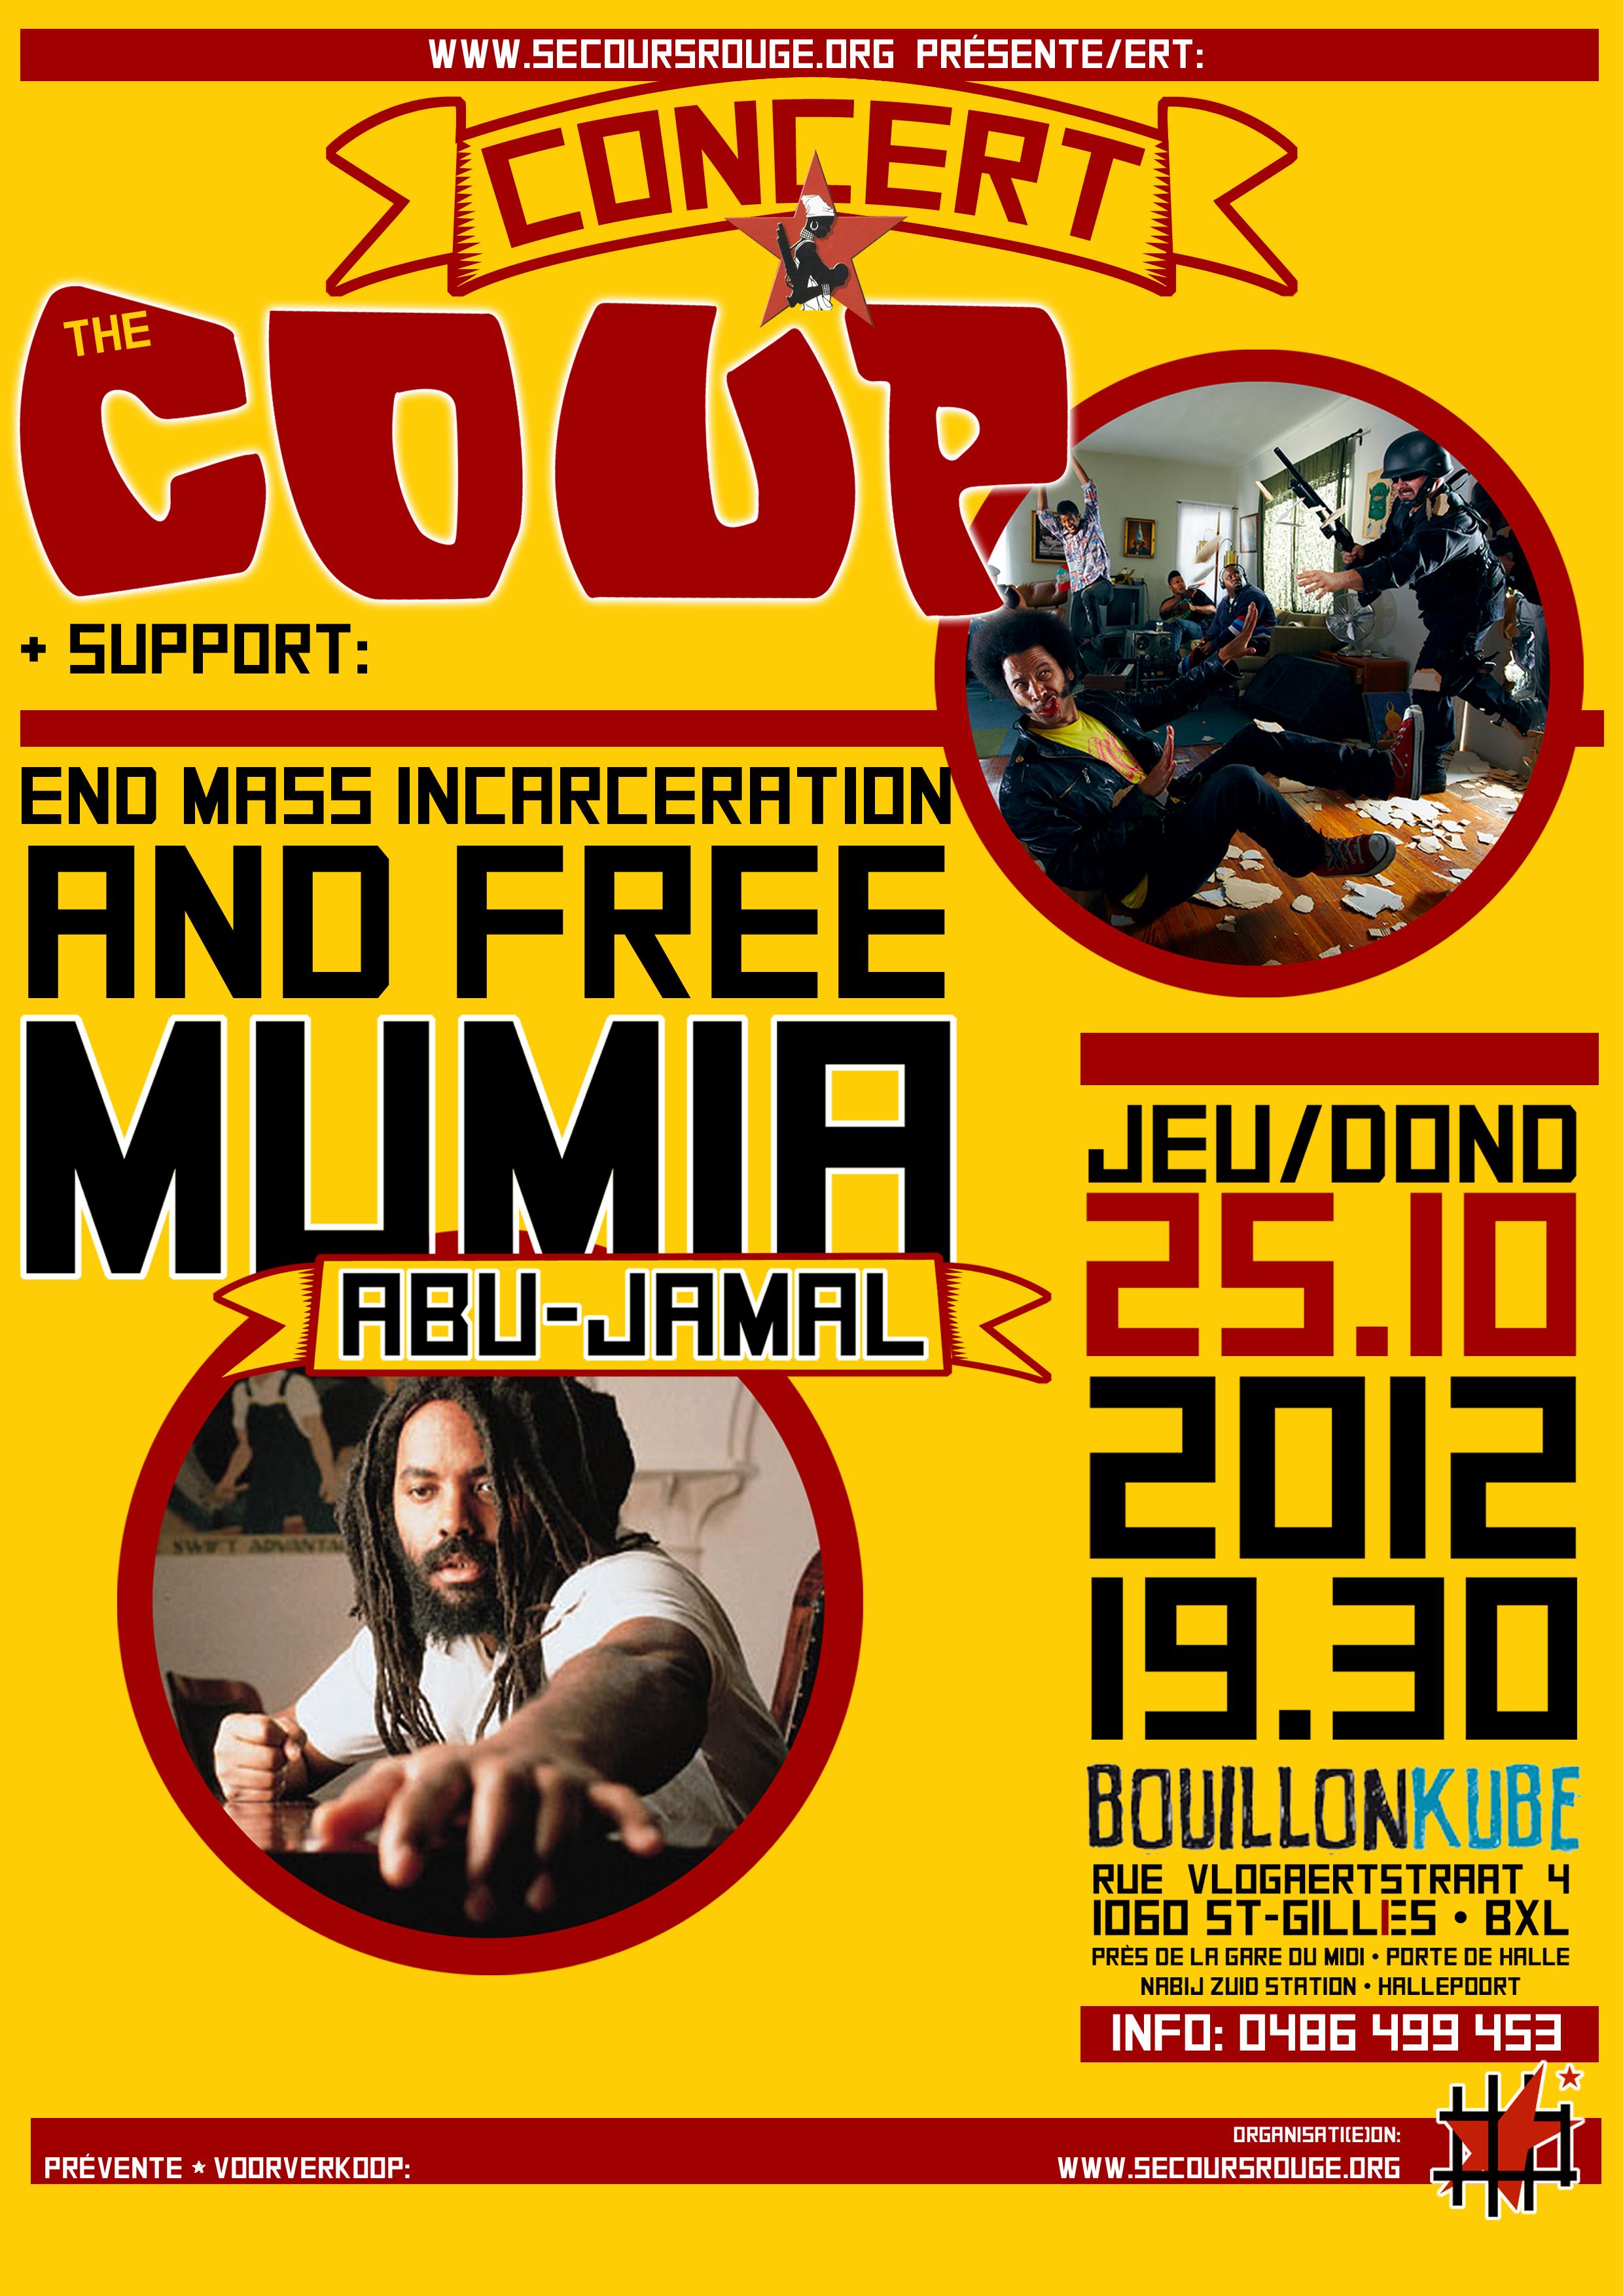 Affiche pour le concert de 'The Coup' - octobre 2012